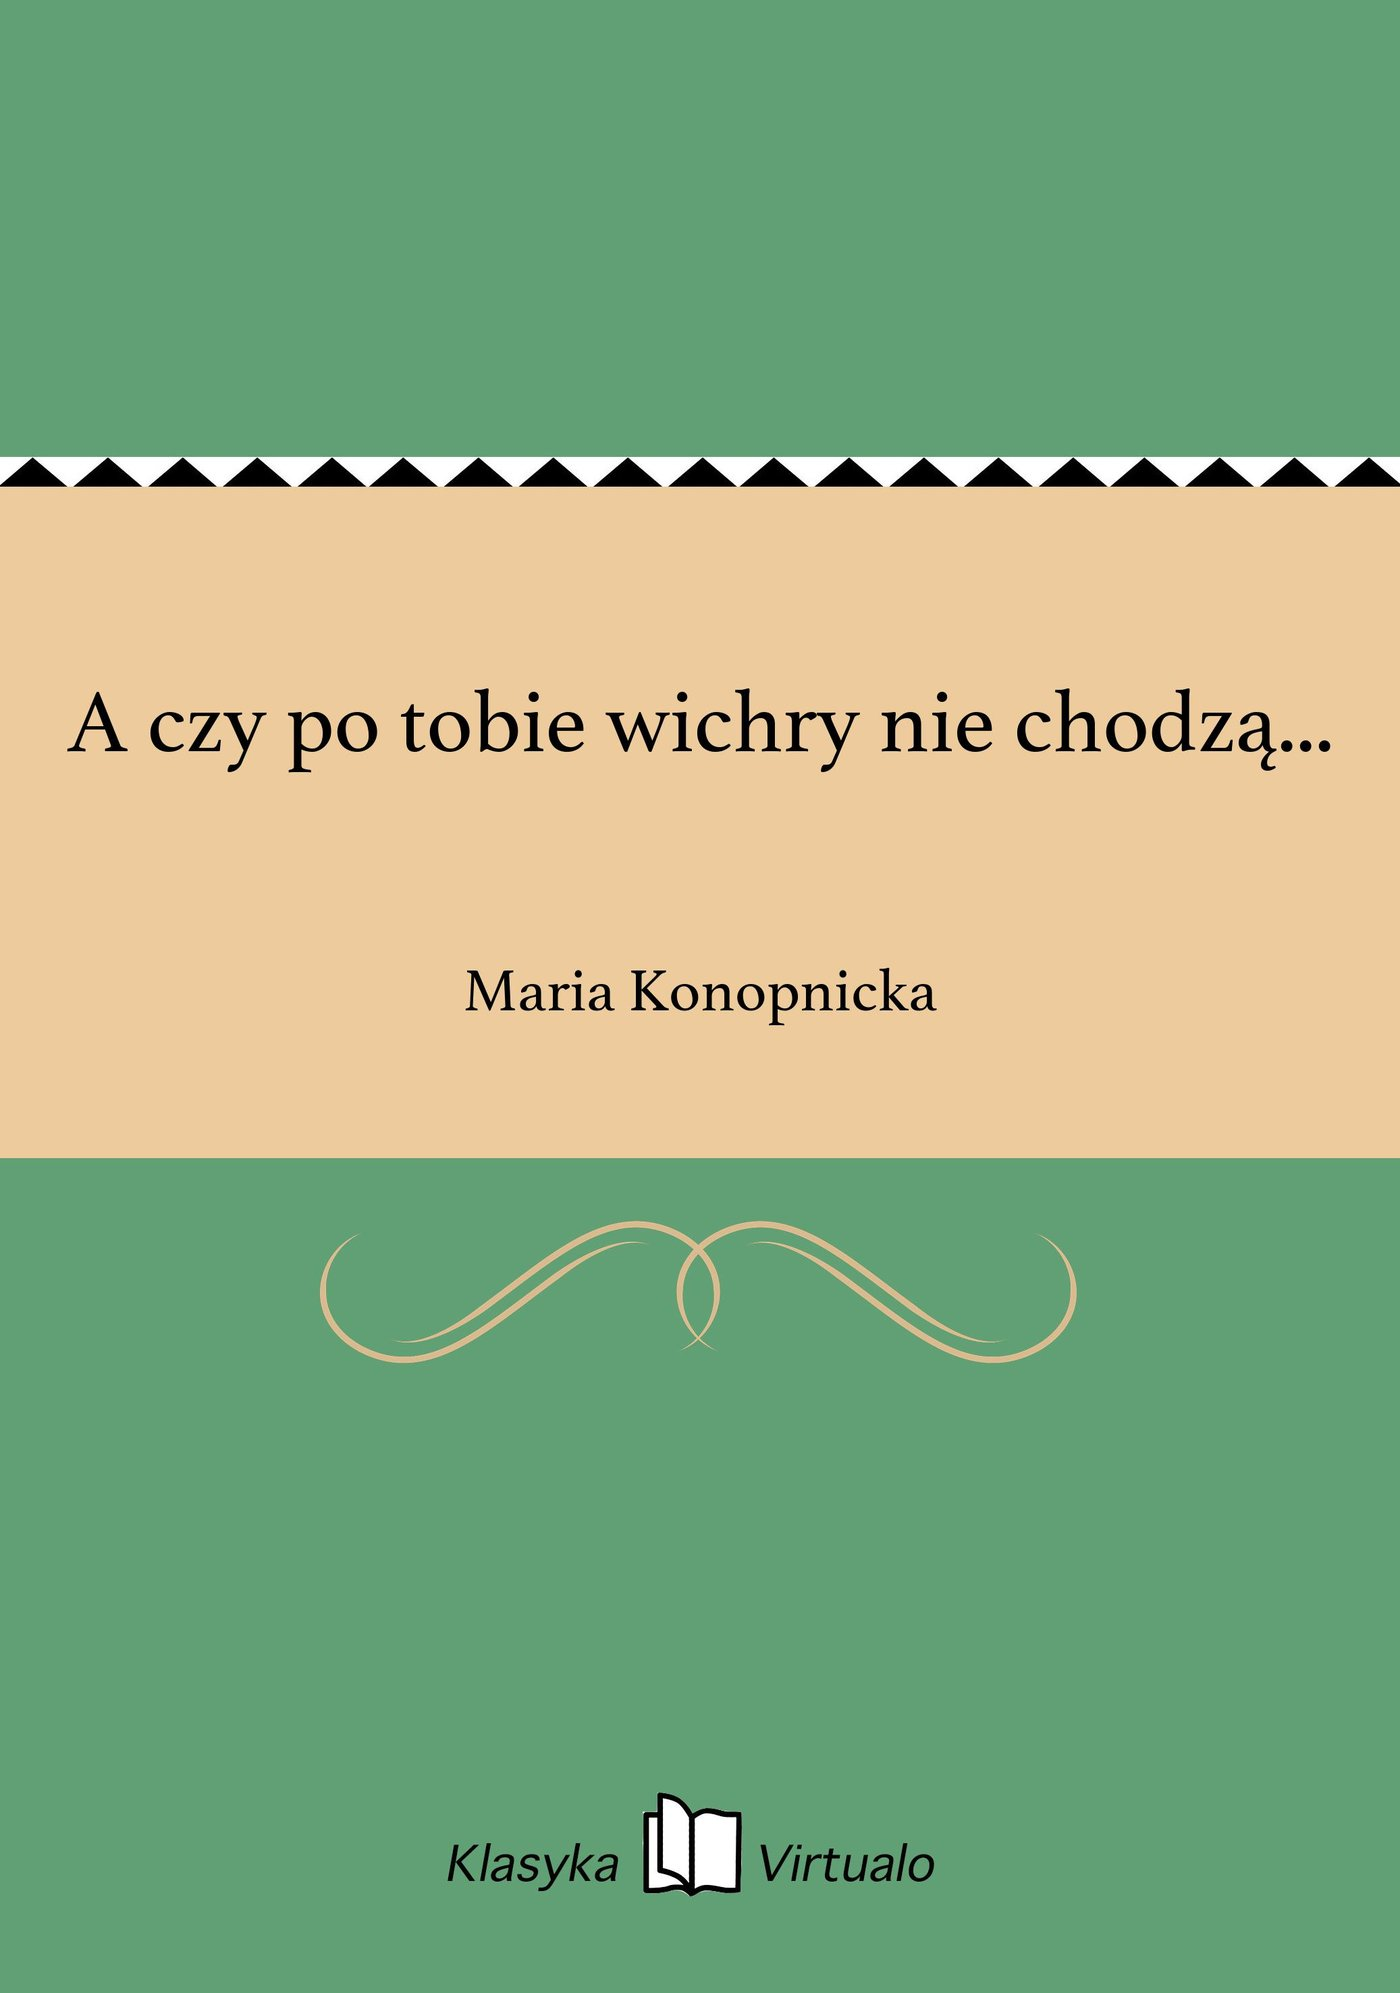 A czy po tobie wichry nie chodzą... - Ebook (Książka na Kindle) do pobrania w formacie MOBI